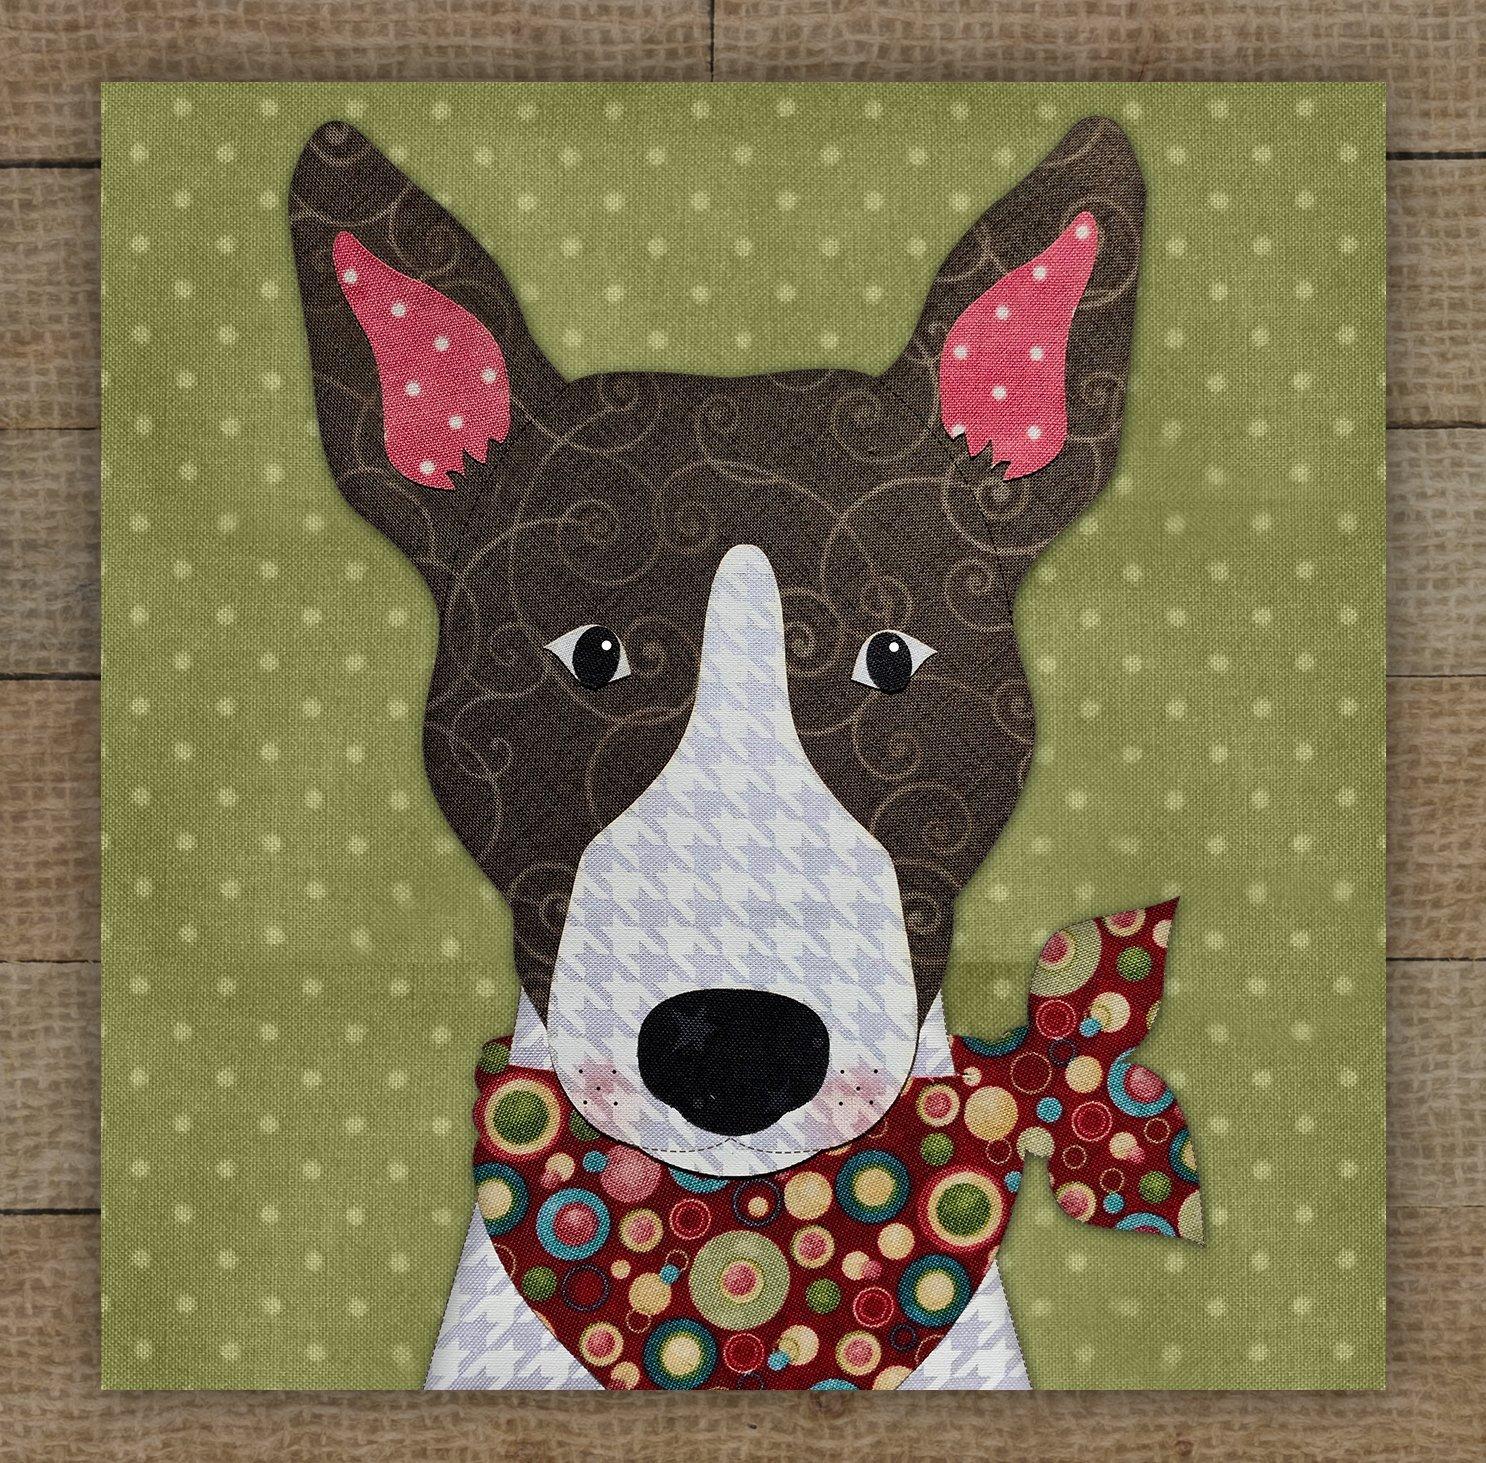 Bull Terrier - COMING SOON